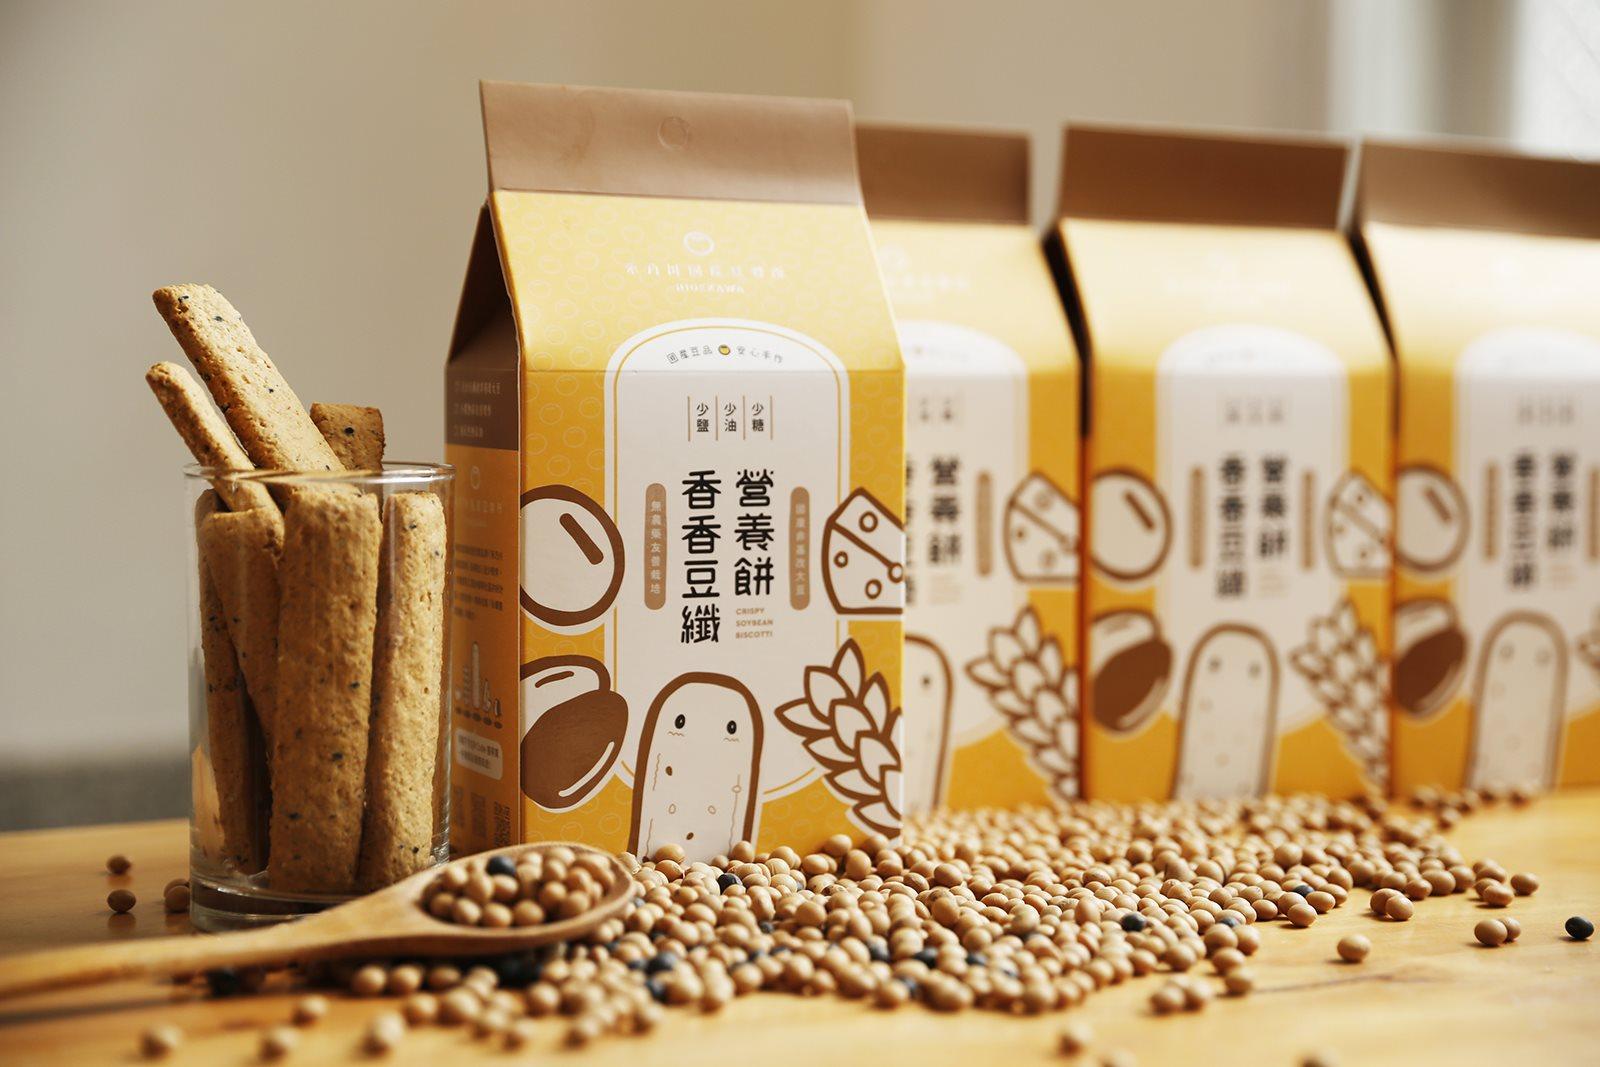 熱銷豆渣餅乾推薦,禾乃川香香豆纖營養餅營養滿分